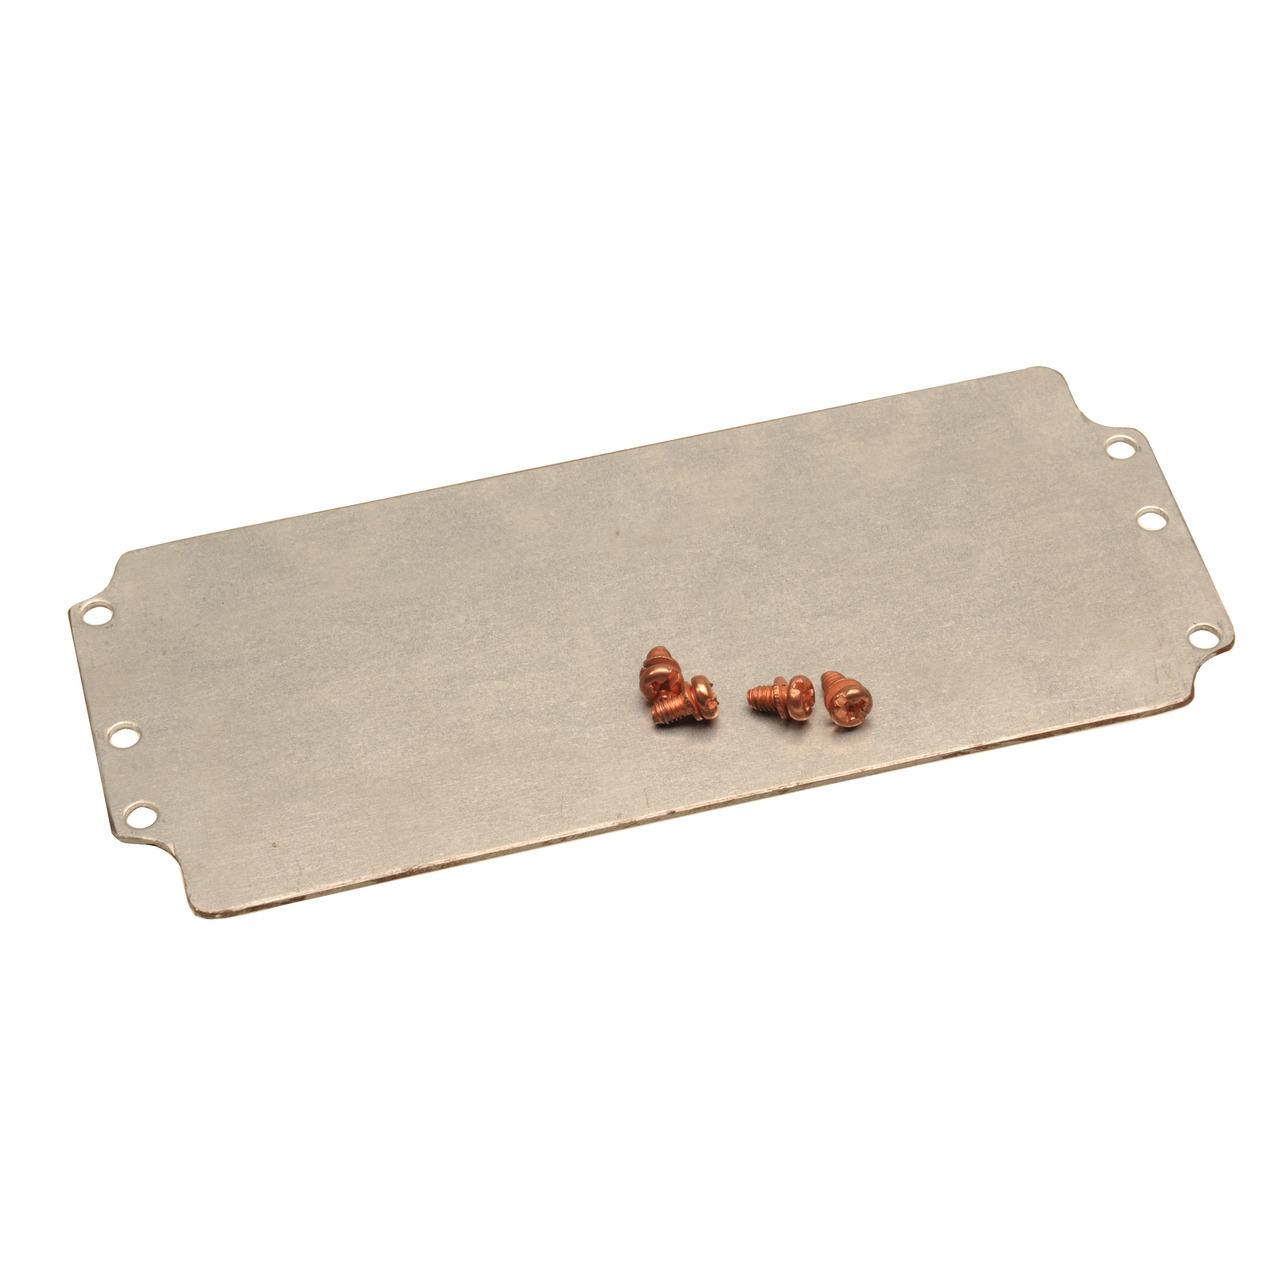 Raychem RPG Montageplatte für Alu-Druckguss-Metallgehäuse RJ08